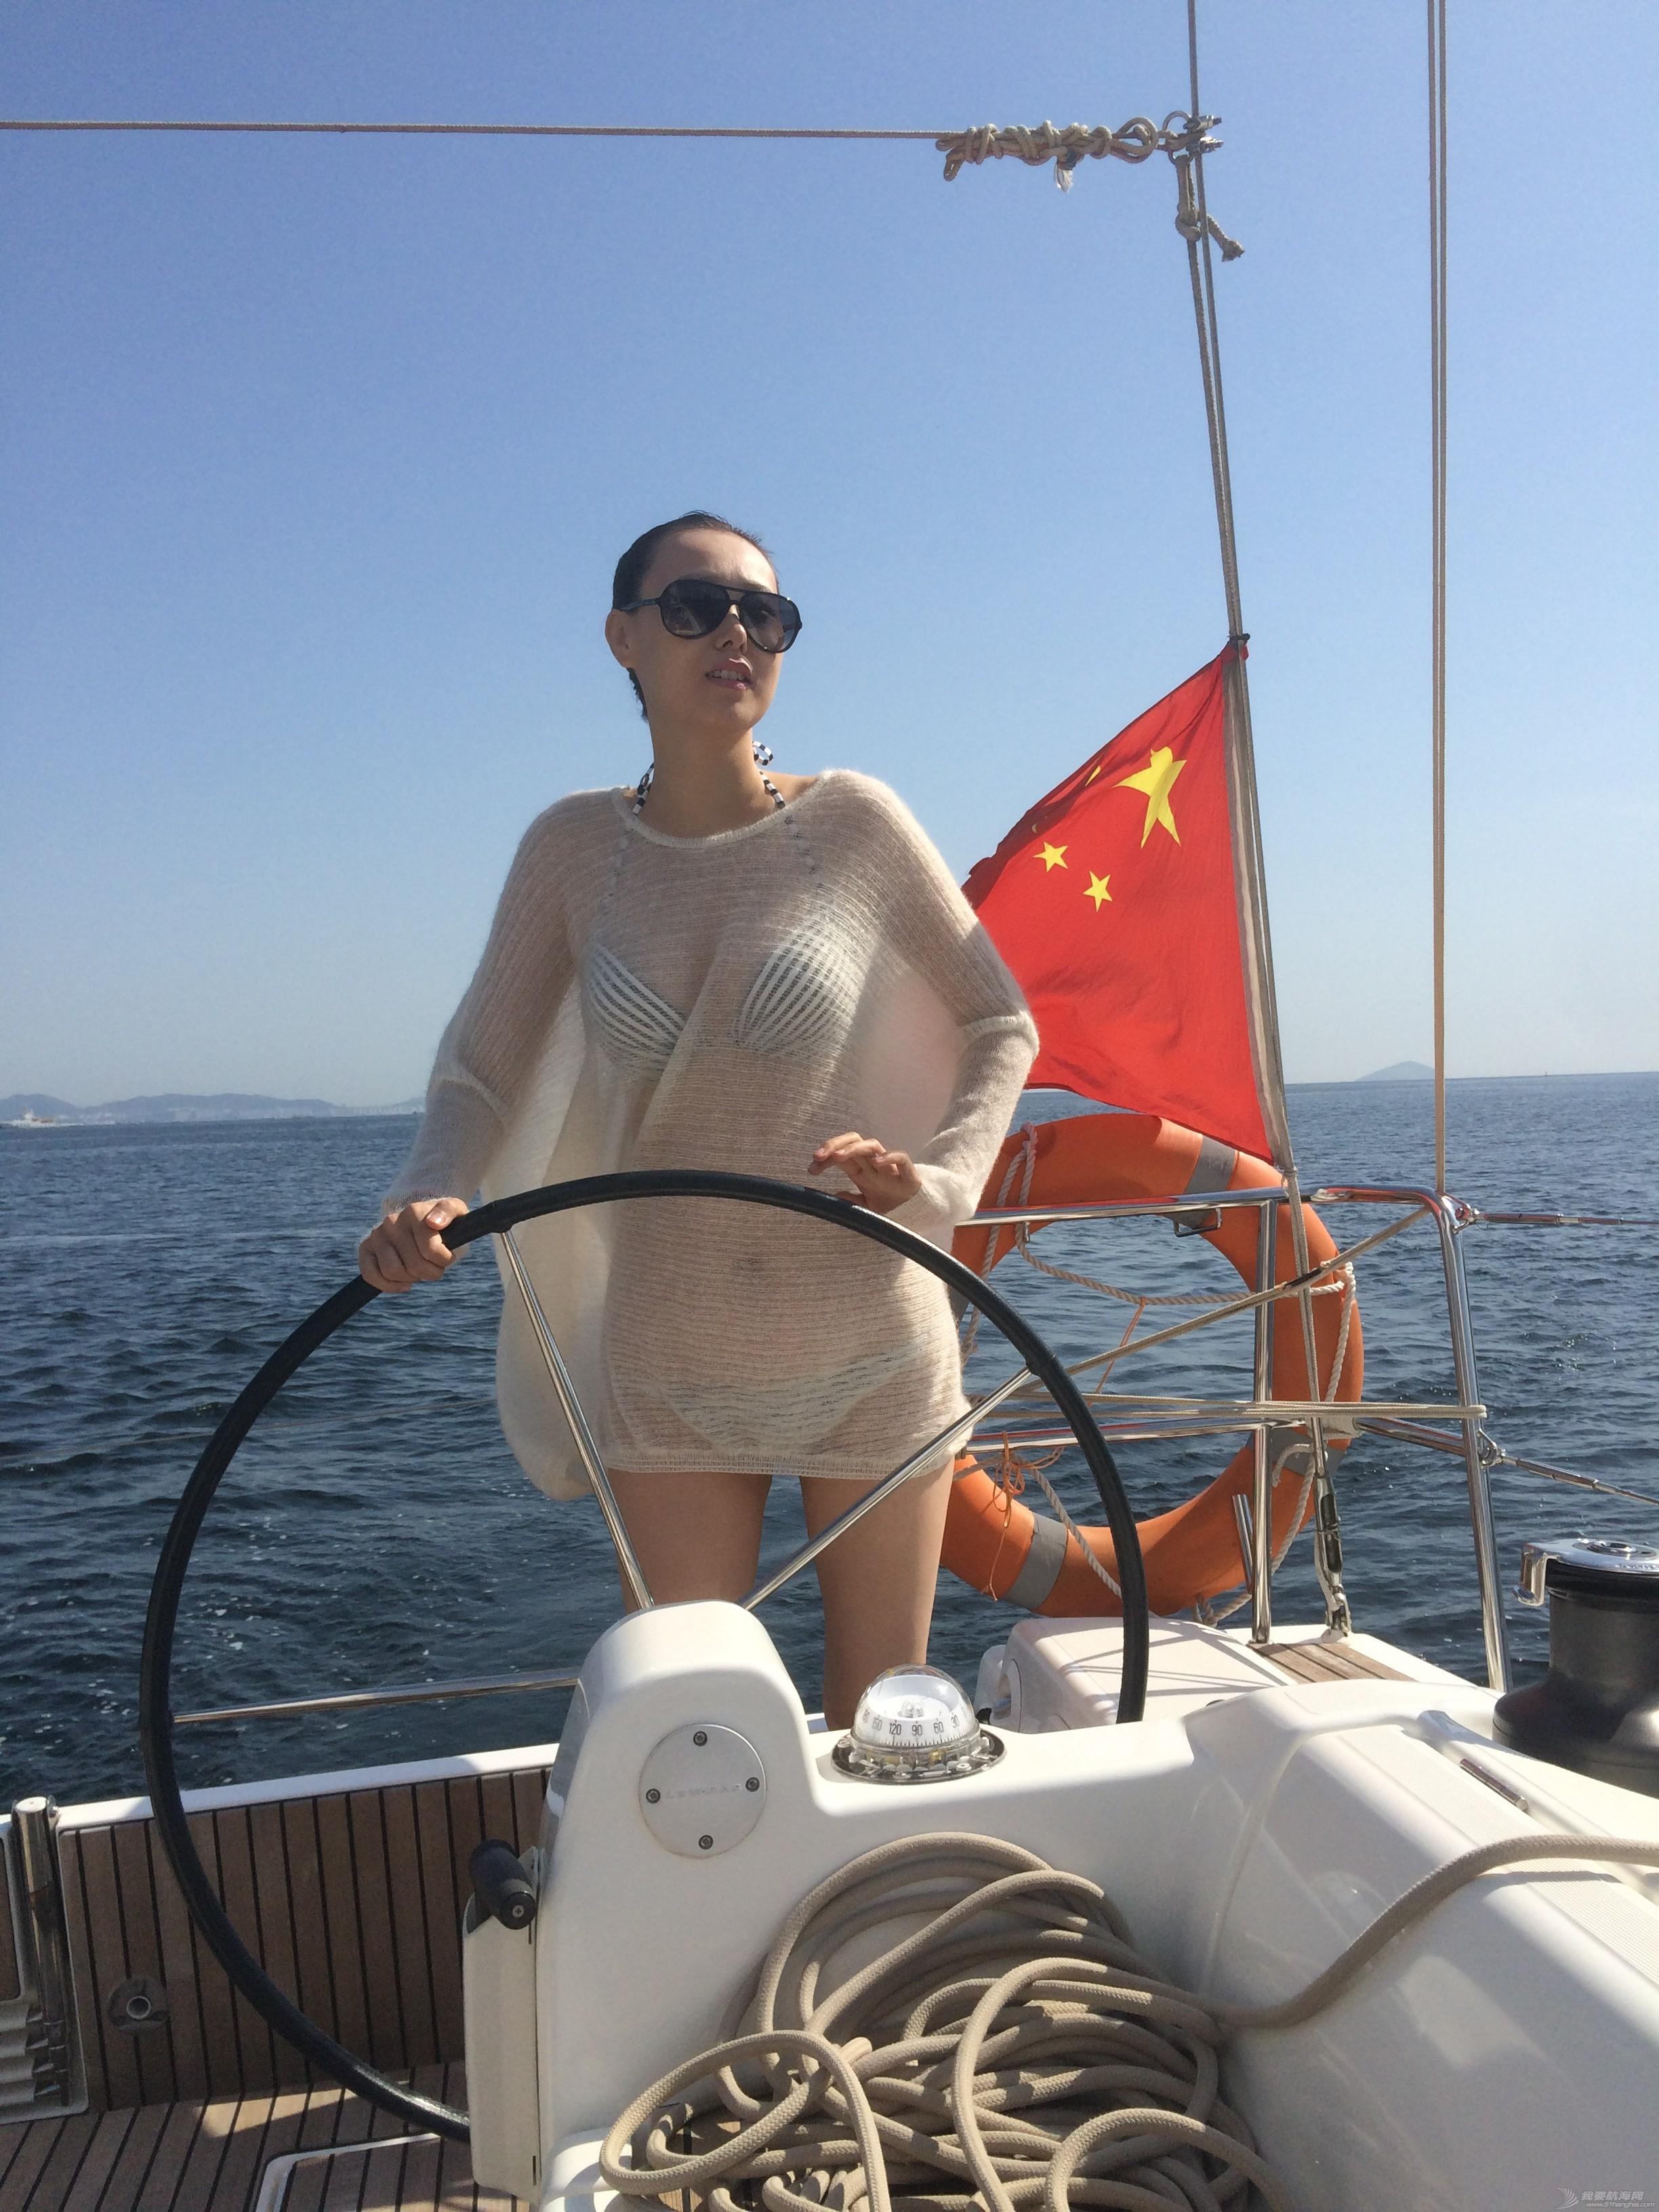 游艇,驾驶培训,船艇,火热,招募 传大片--Ocean girl 驾到!!  095058fajjmqx2bp1qtq1b